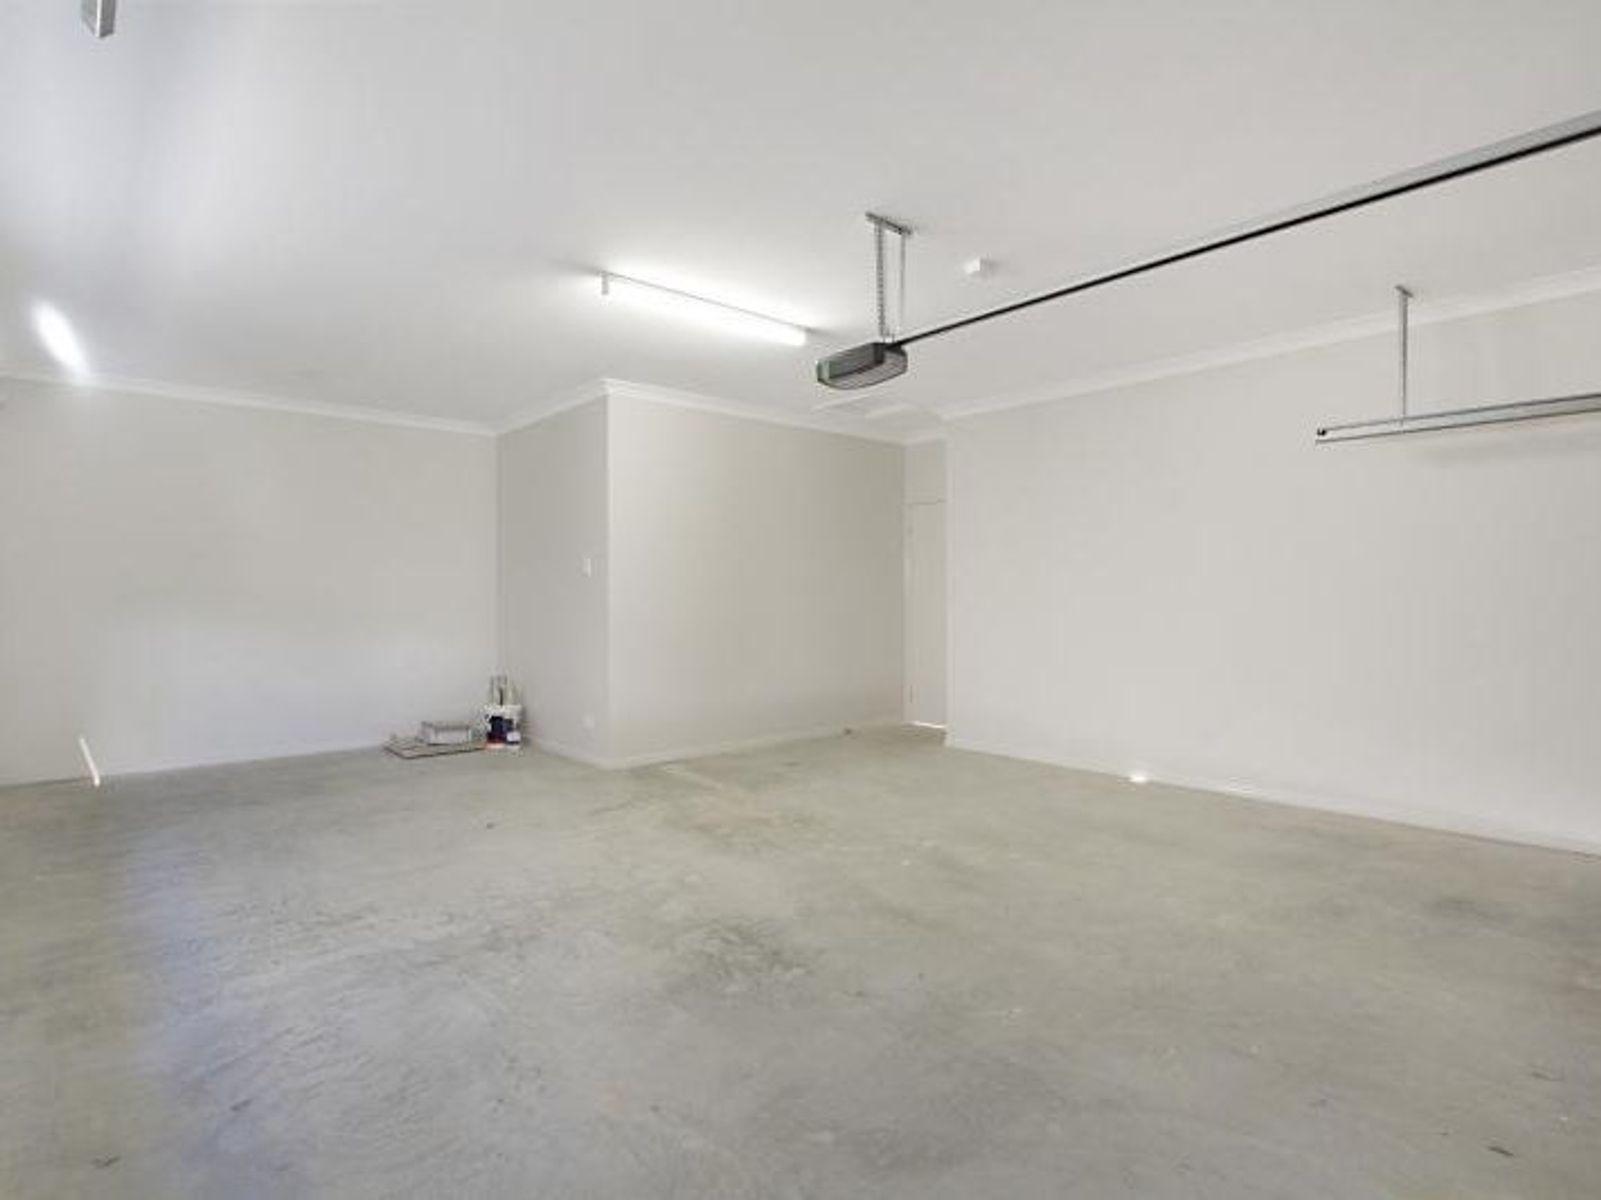 7808 Pavilions Close, Hope Island, QLD 4212